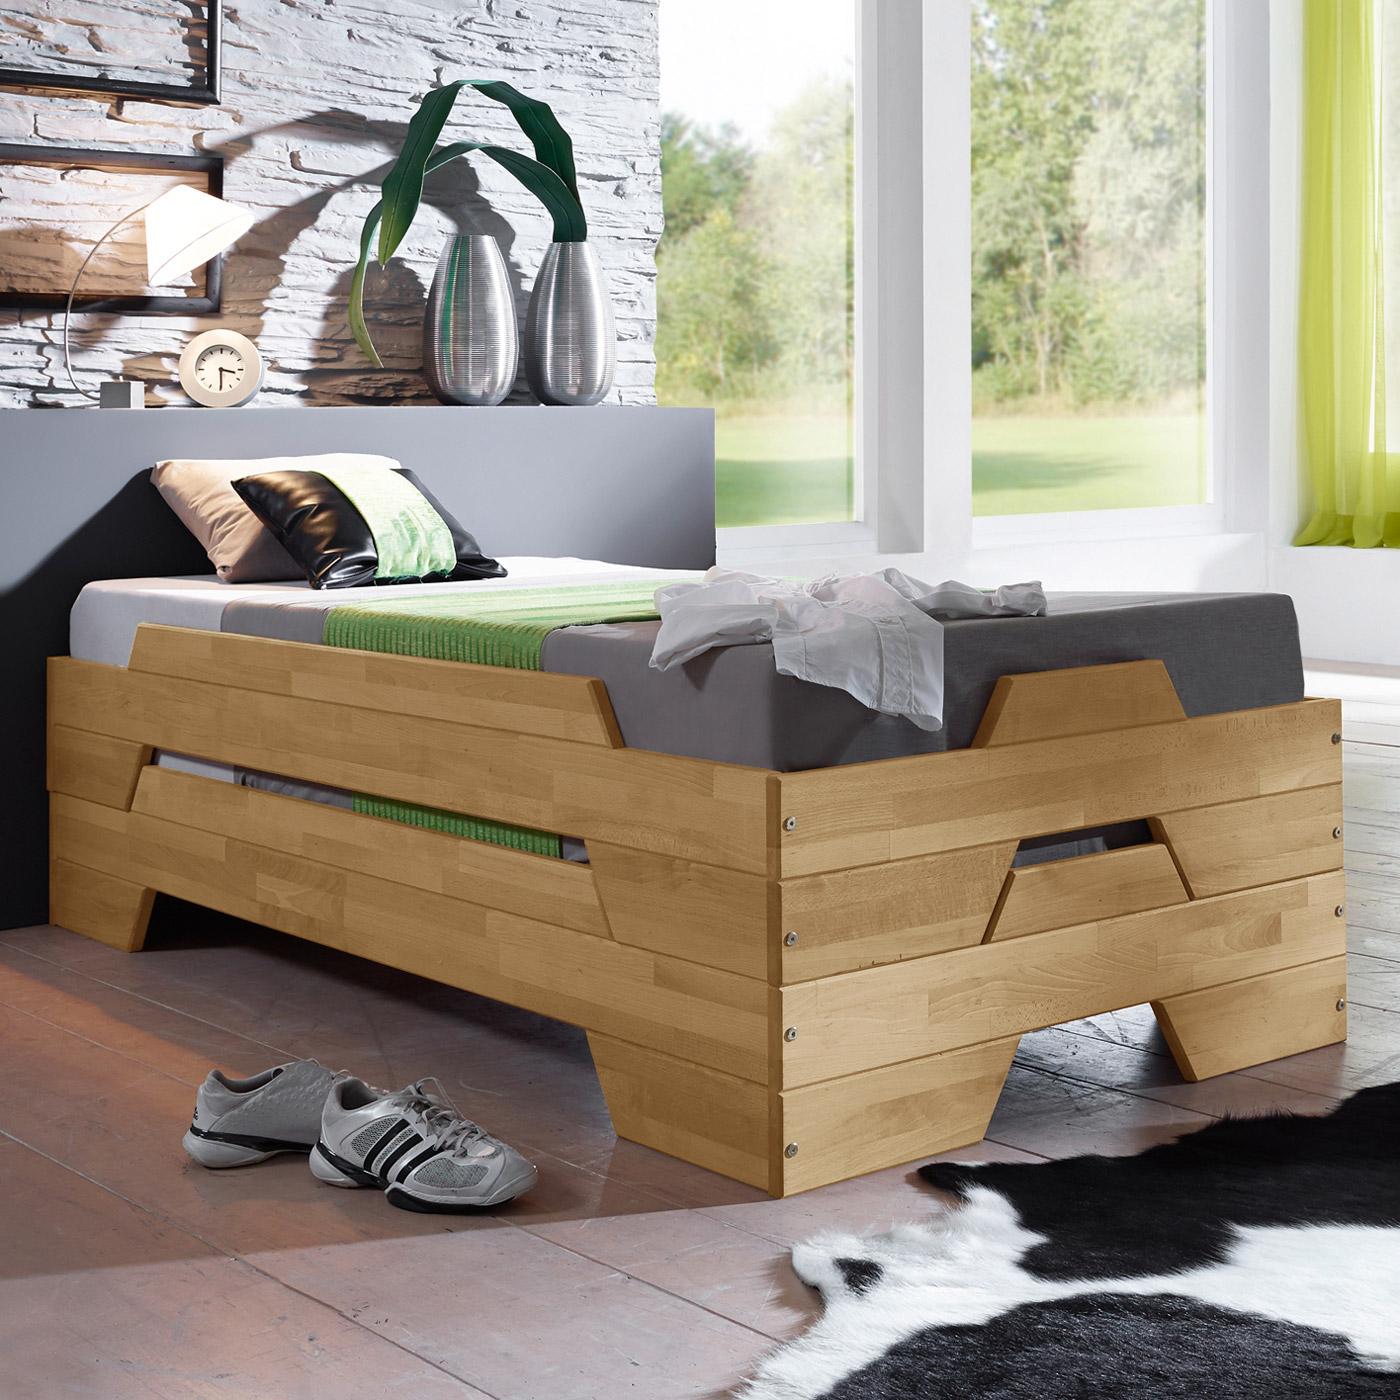 Bett Platzsparend raumsparbetten in top qualität und dennoch preiswert betten de